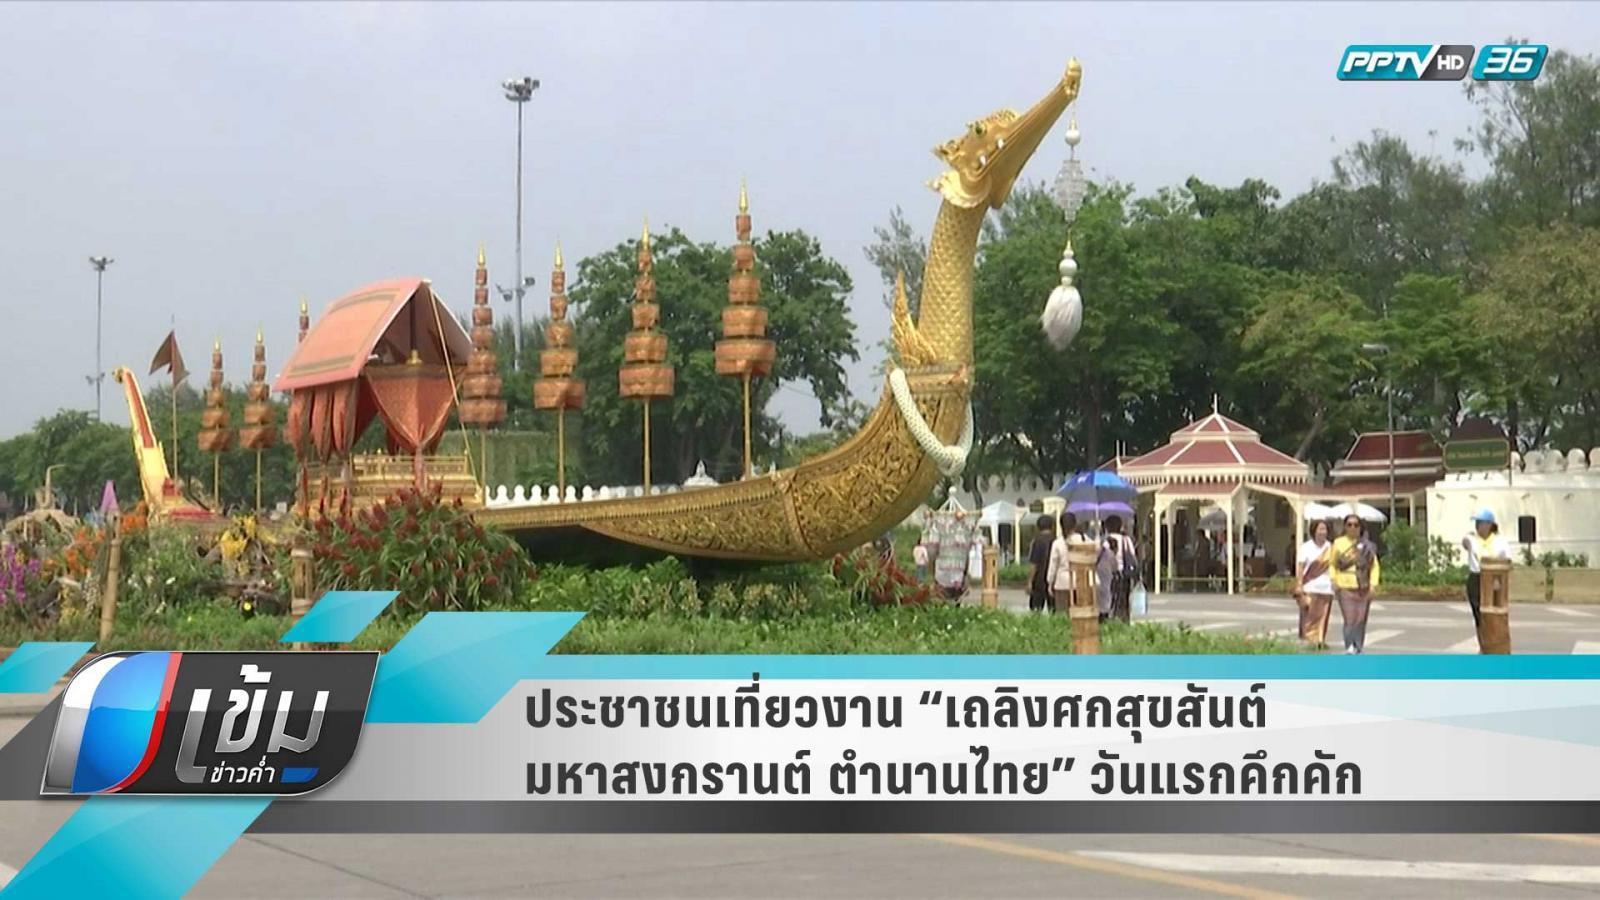 """ประชาชนเที่ยวงาน """"เถลิงศกสุขสันต์ มหาสงกรานต์ ตำนานไทย"""" วันแรกคึกคัก"""